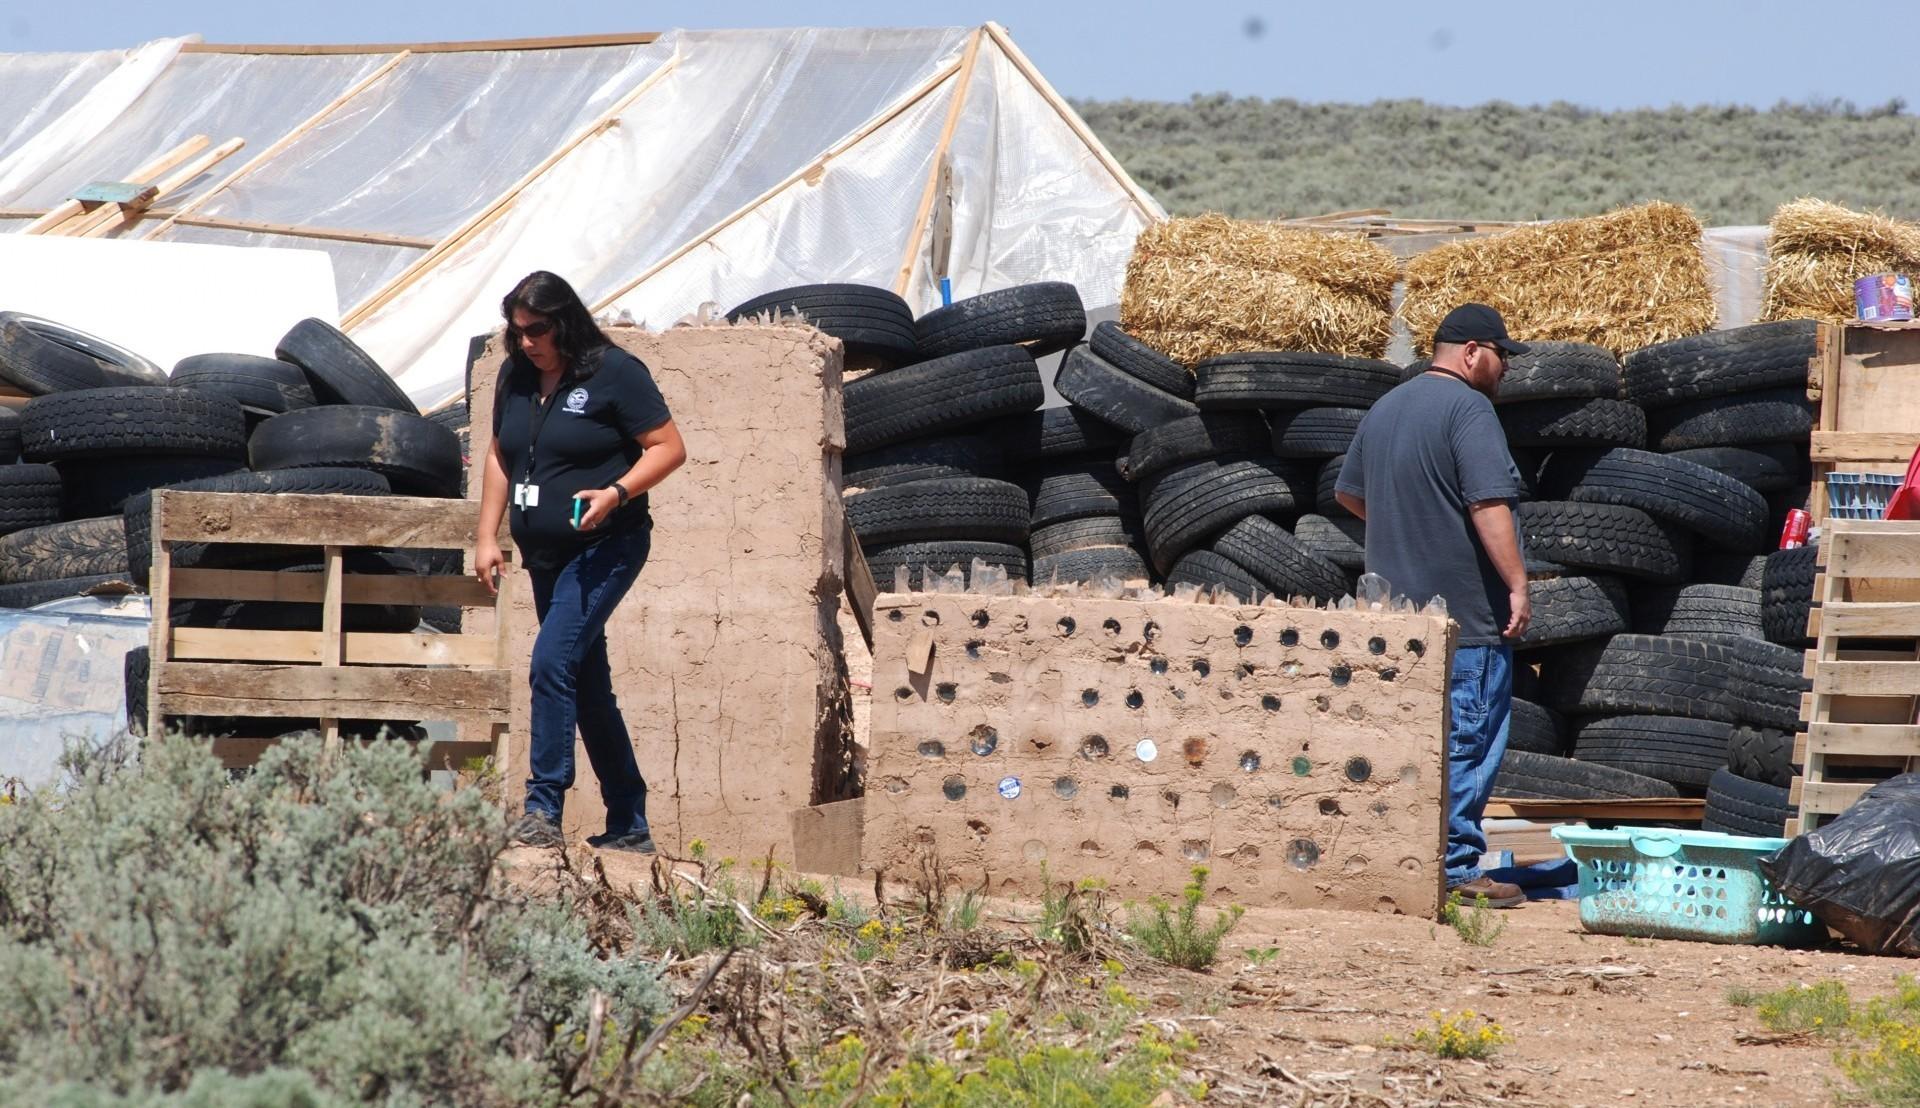 Oficiales revisan las condiciones del campamento en el 11 menores estuvieron secuestrados y se detuvo a cinco adultos (AP)